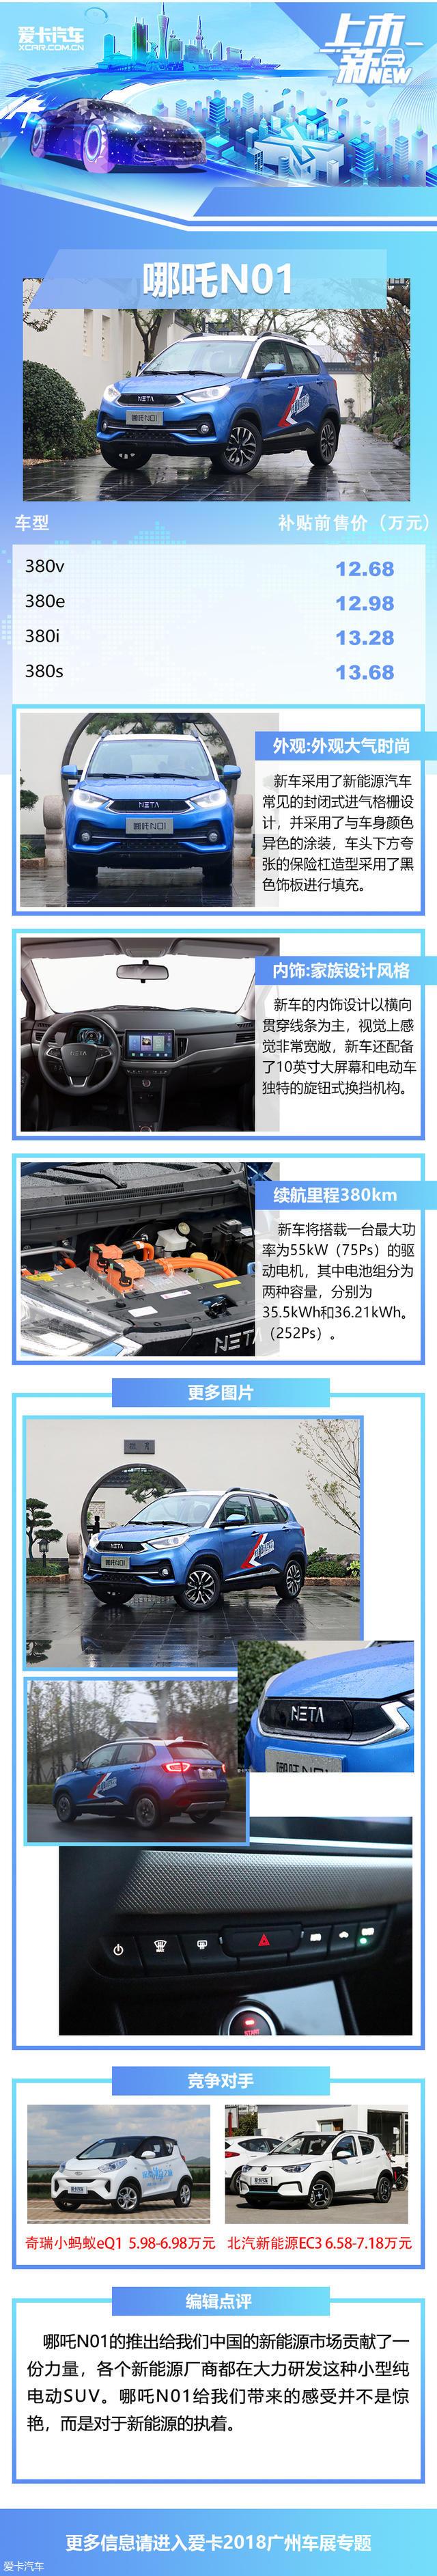 2018广州车展:哪吒N01售12.68万元起